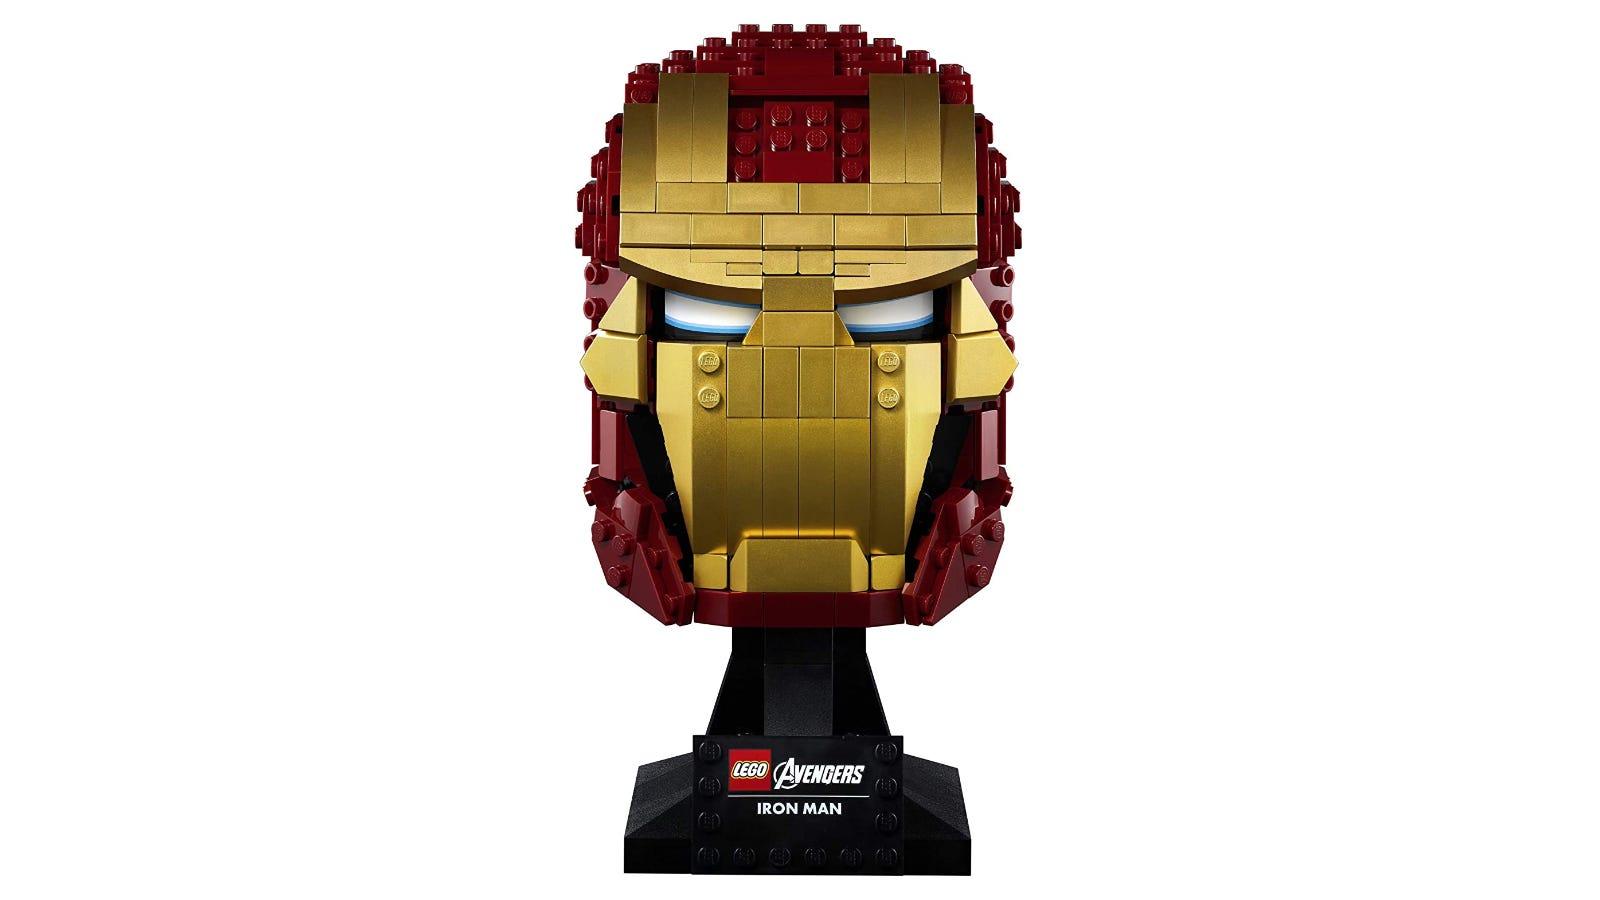 LEGO Marvel Iron Man Helmet set